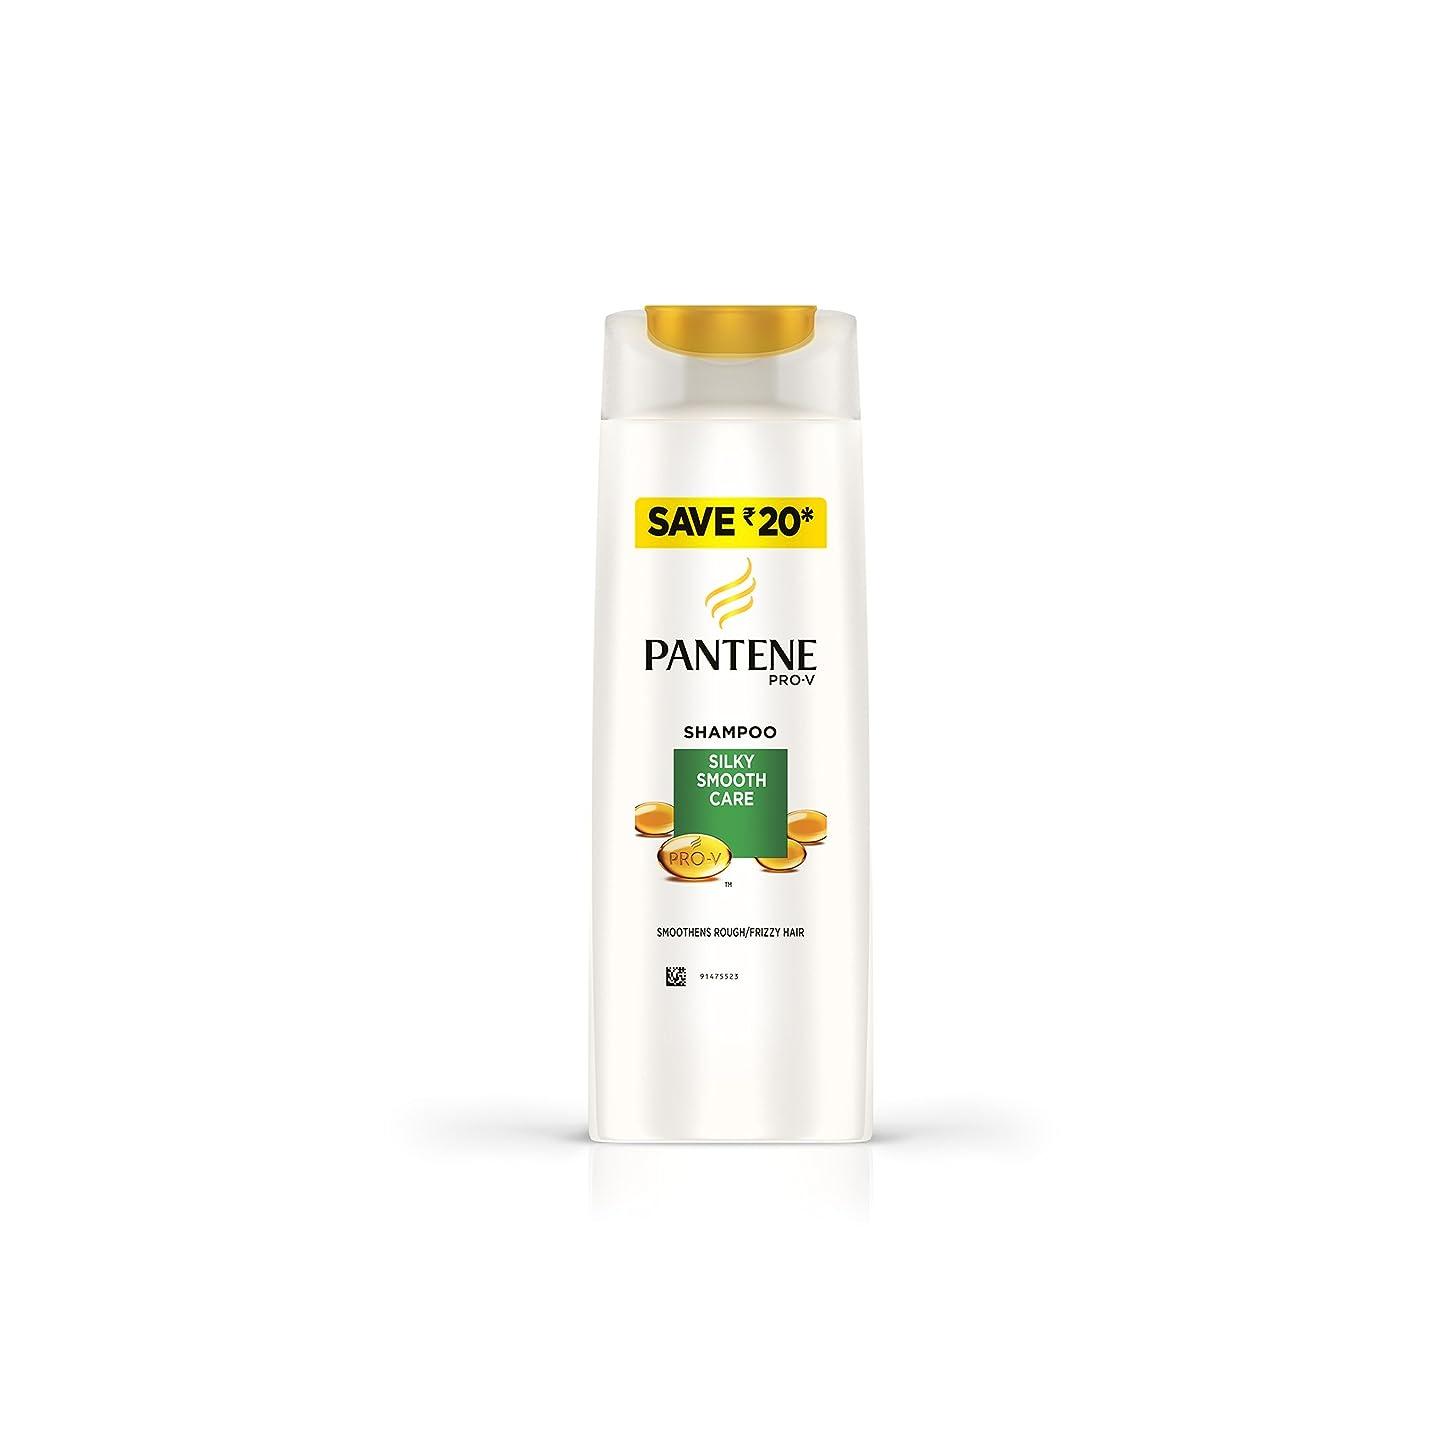 背骨ヘア伝染性PANTENE SILKY SMOOTH CARE SHAMPOO 180 ml (PANTENE SILKYスムースケアシャンプー180 ml)